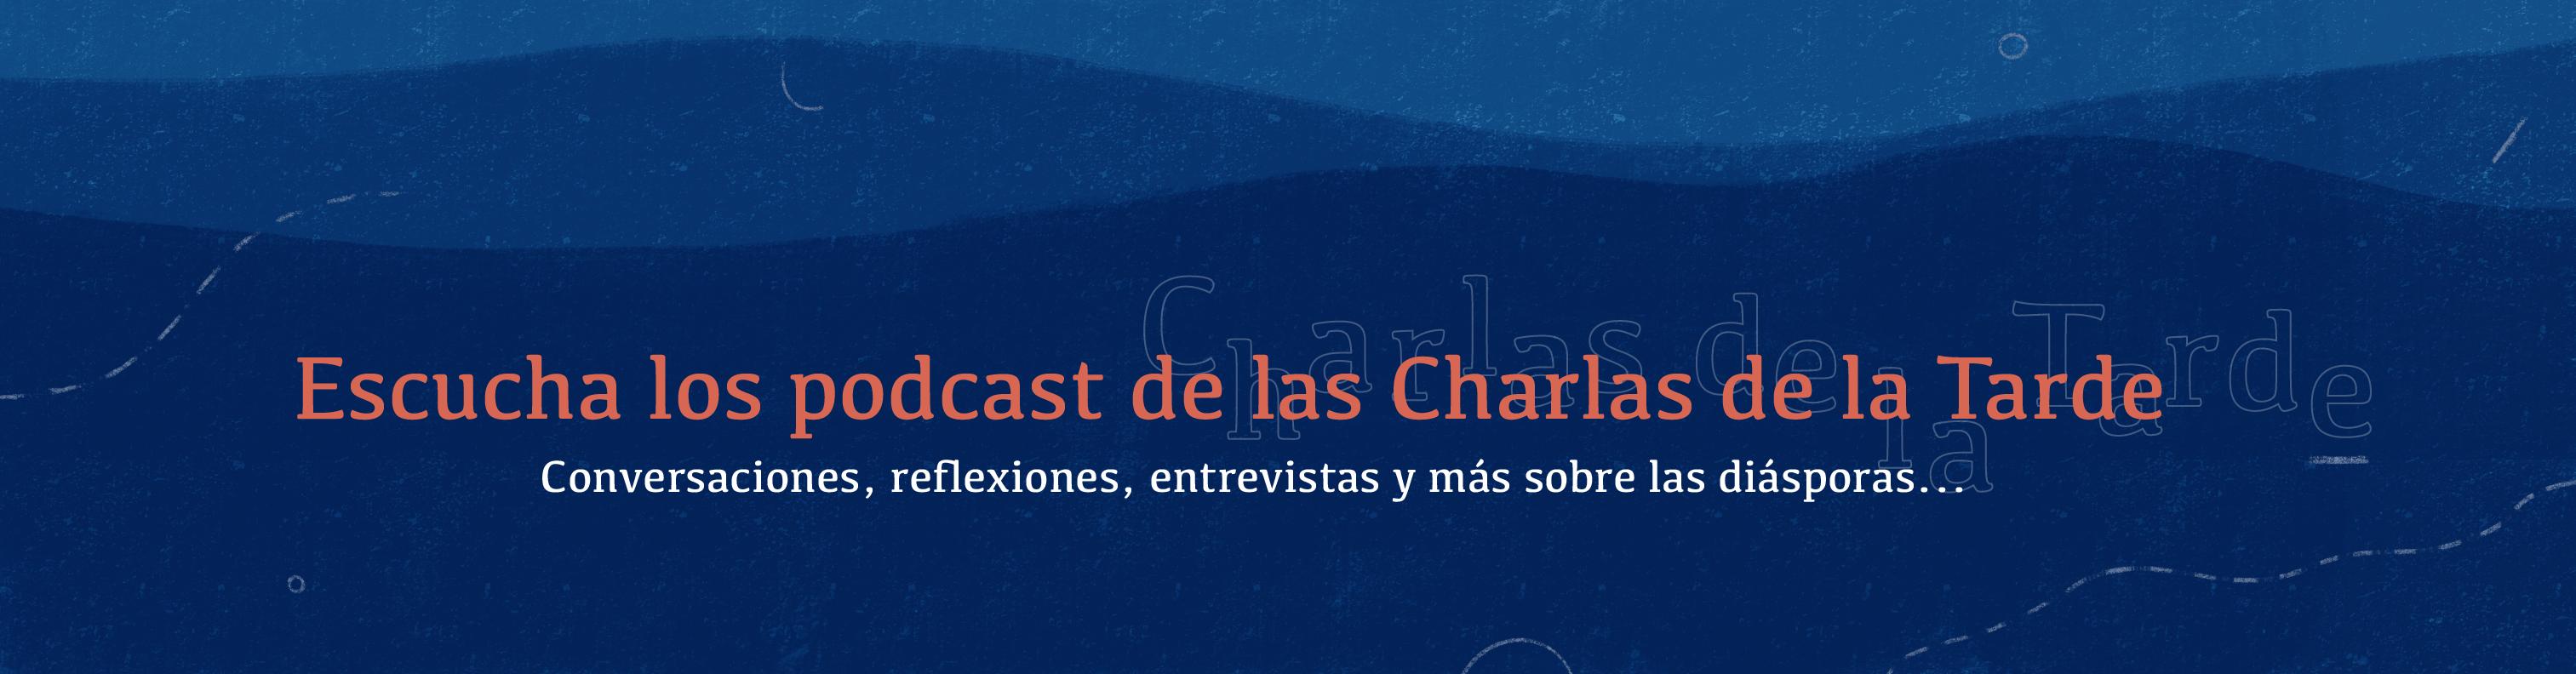 Banner-Podcast-Charlas-de-la-Tarde_01-1